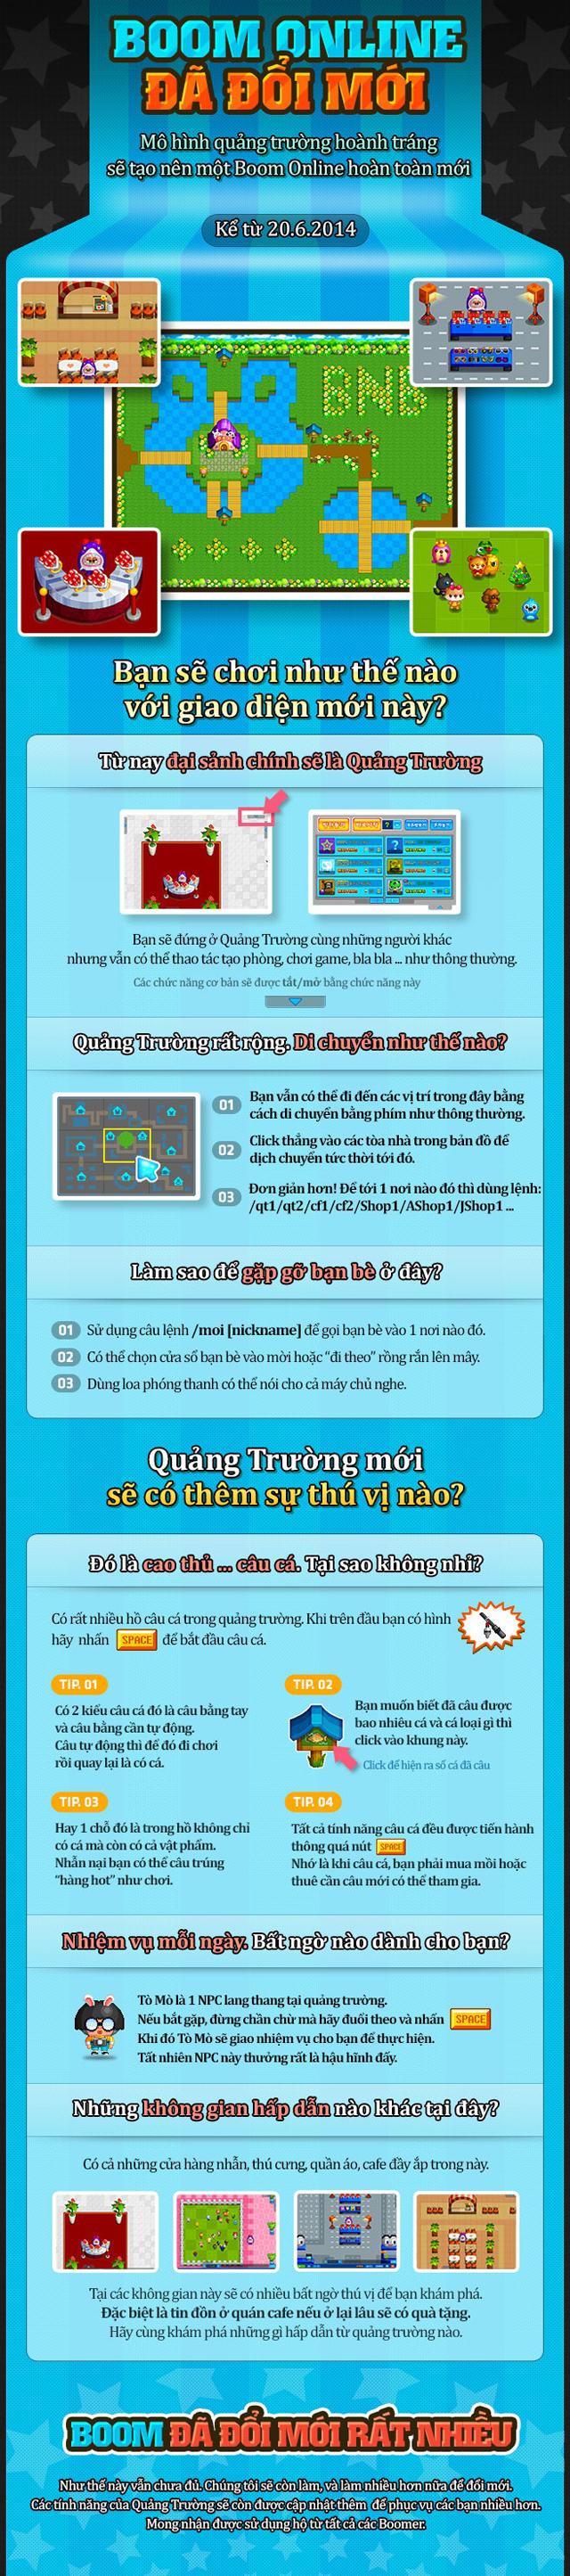 Boom Online trình làng quảng trường mới 1